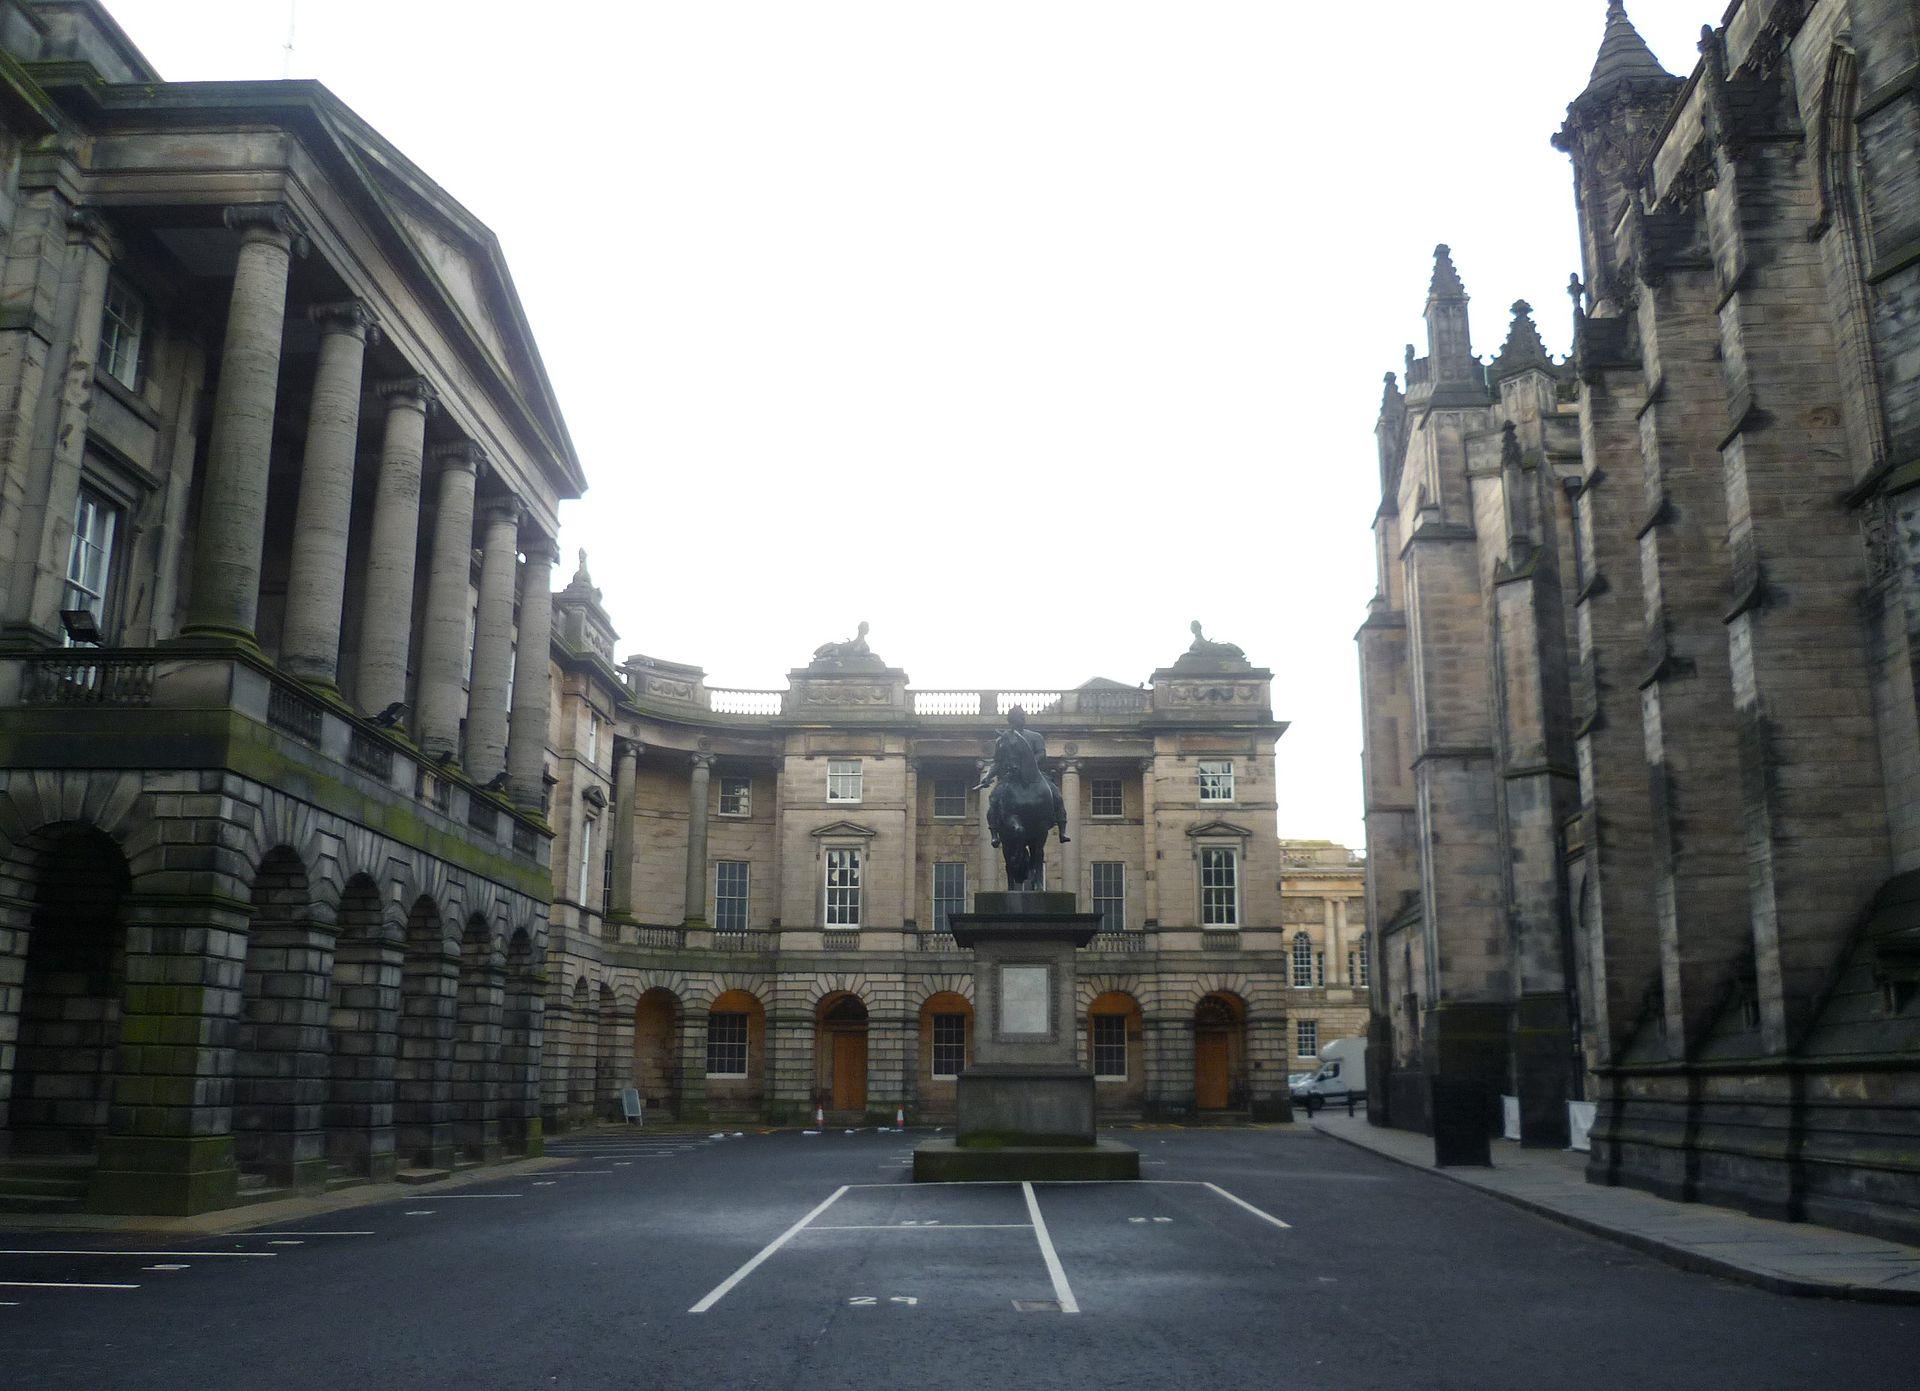 Casa del parlamento edimburgo wikipedia la for Parlamento wikipedia